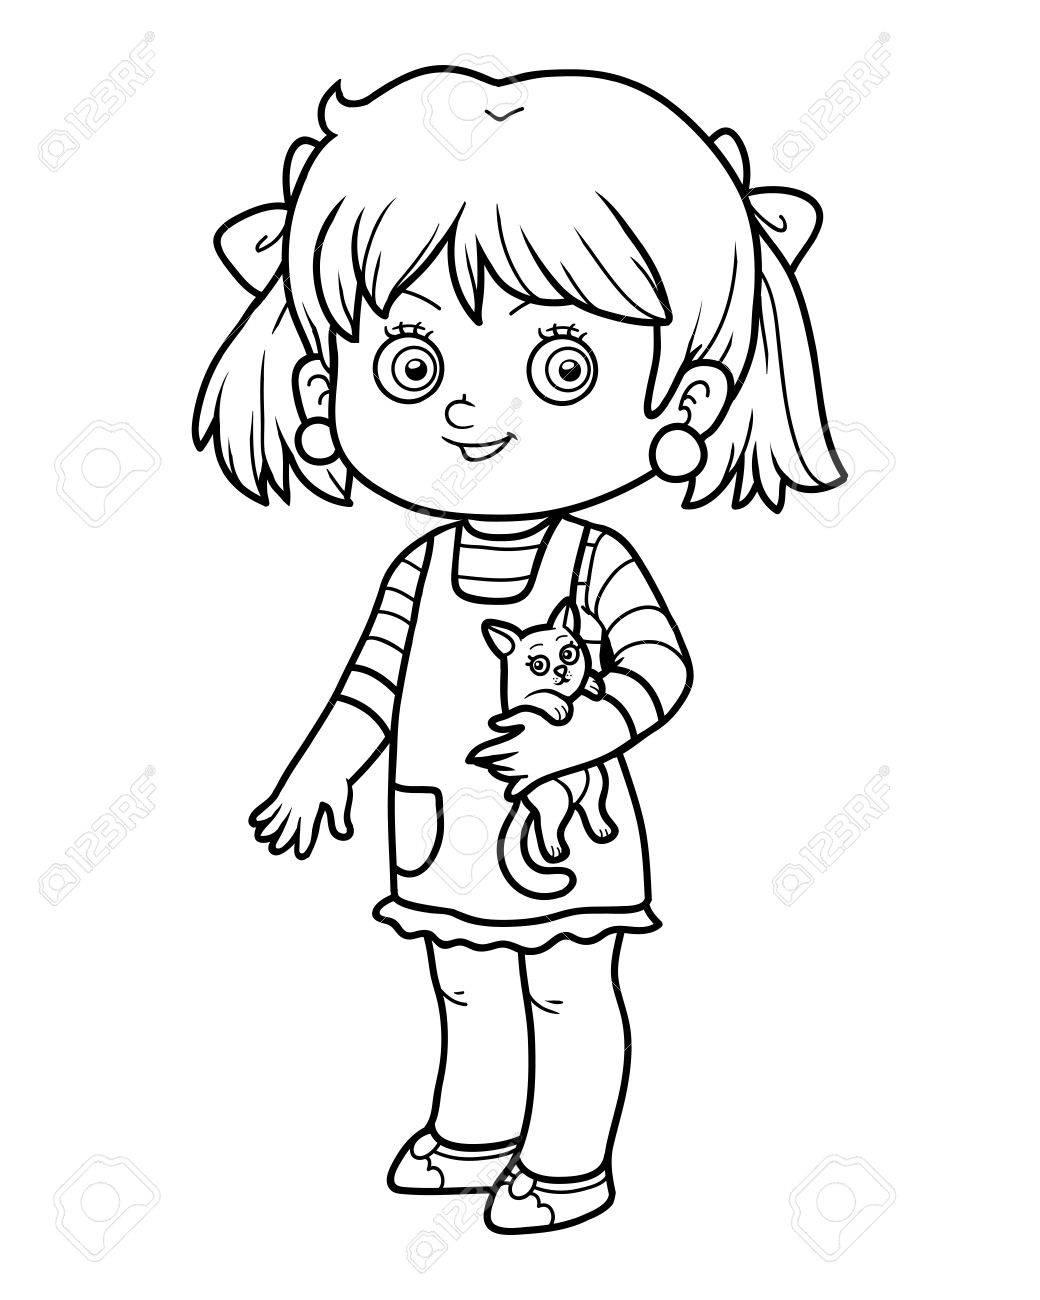 Dibujo Para Colorear Para Ninos Nina Con Un Gato Ilustraciones